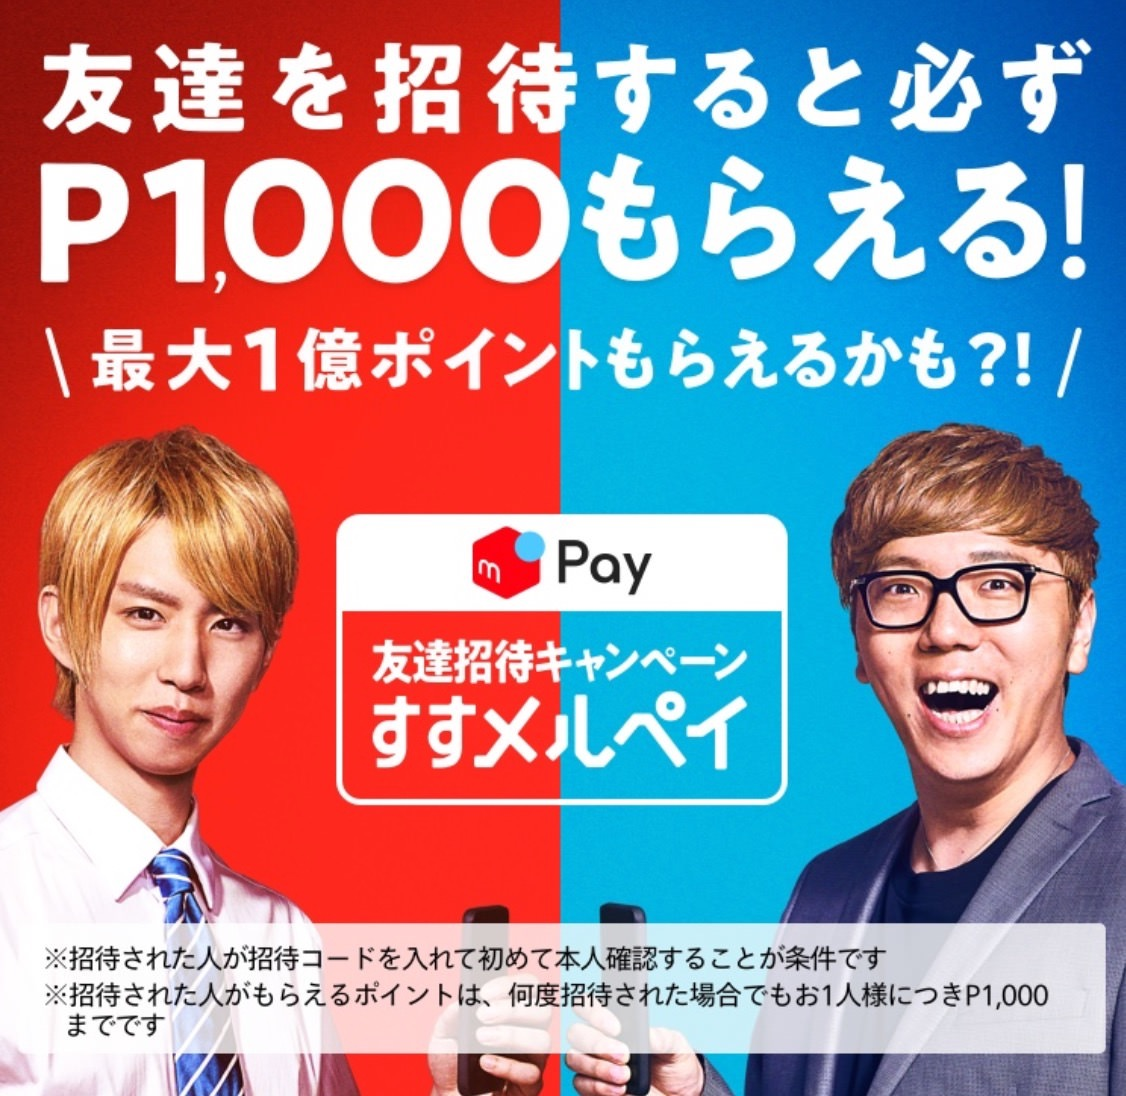 【メルペイ】友達招待で必ず1,000ポイント貰える「すすメルペイ」キャンペーンを開始